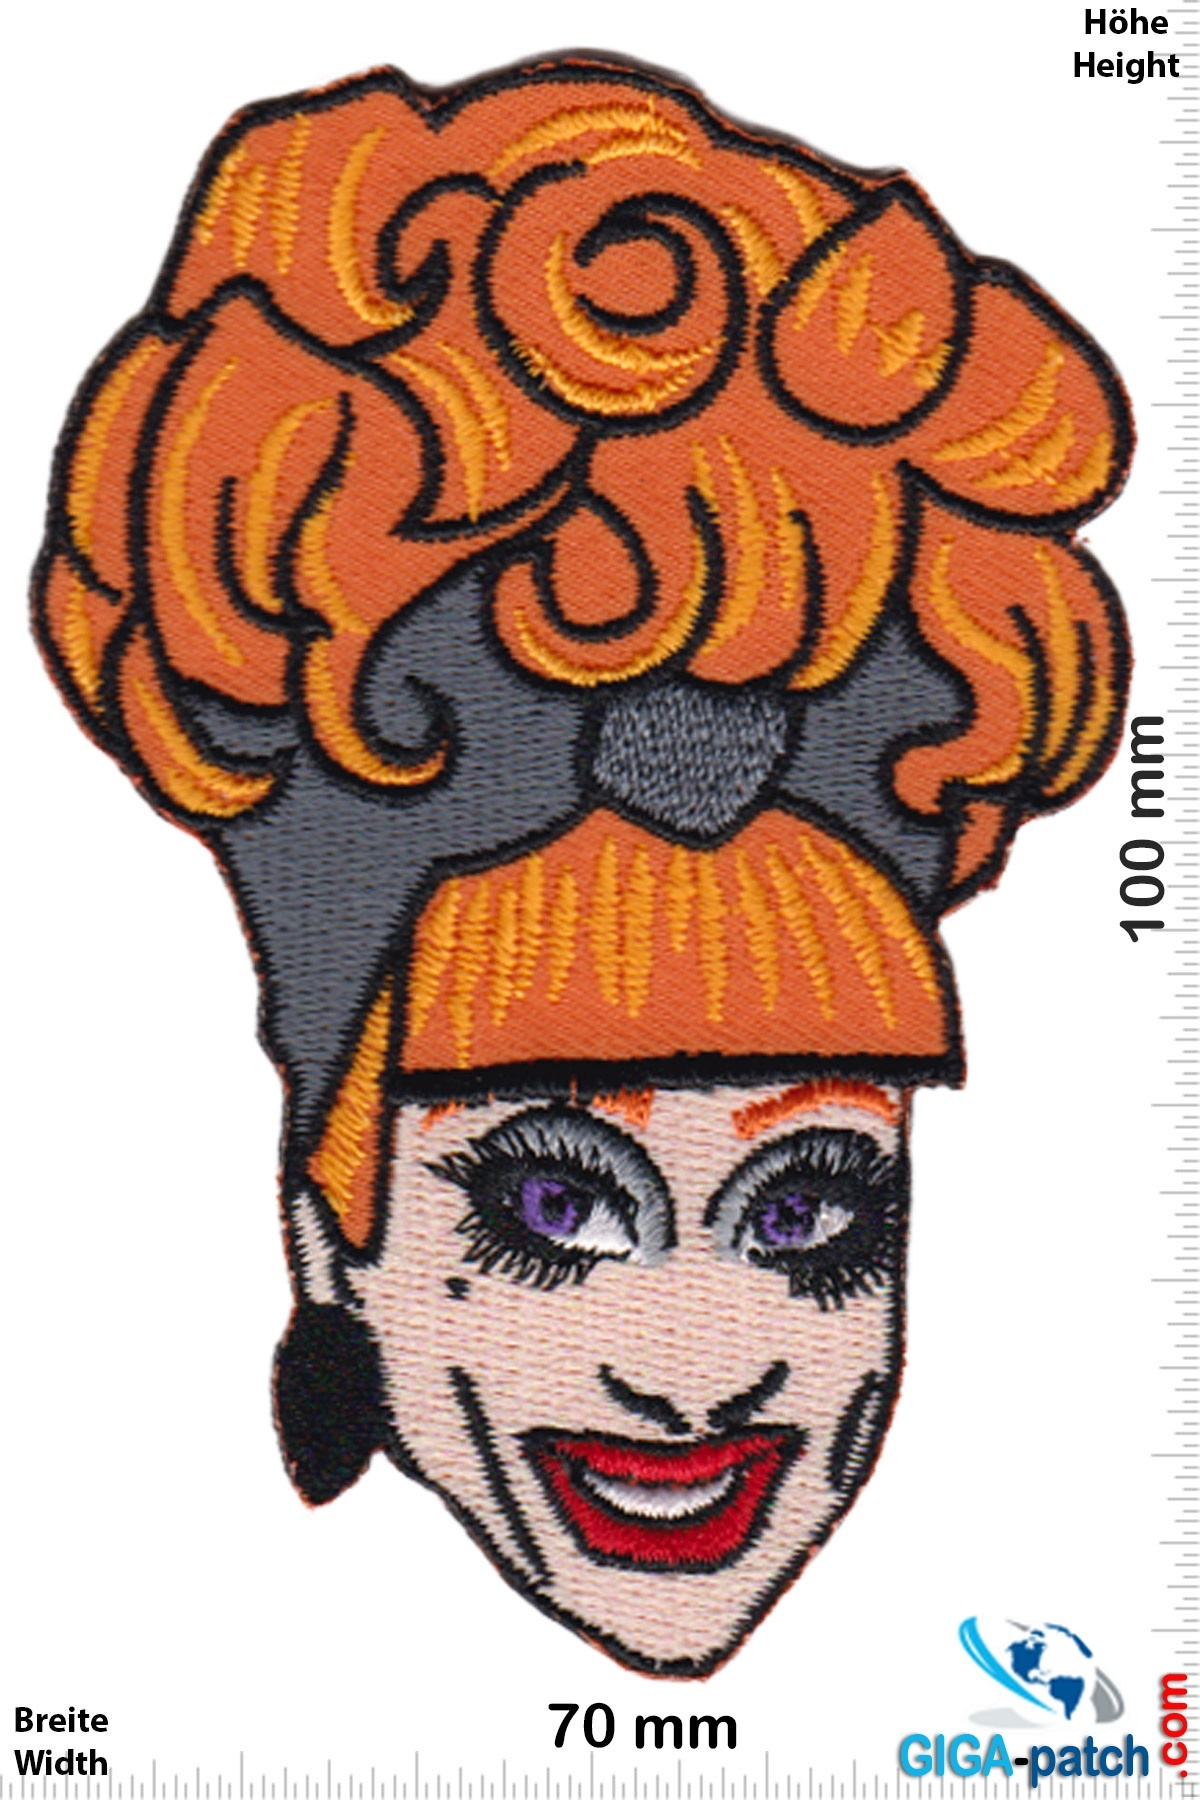 Bianca Del Rio- Drag Queen